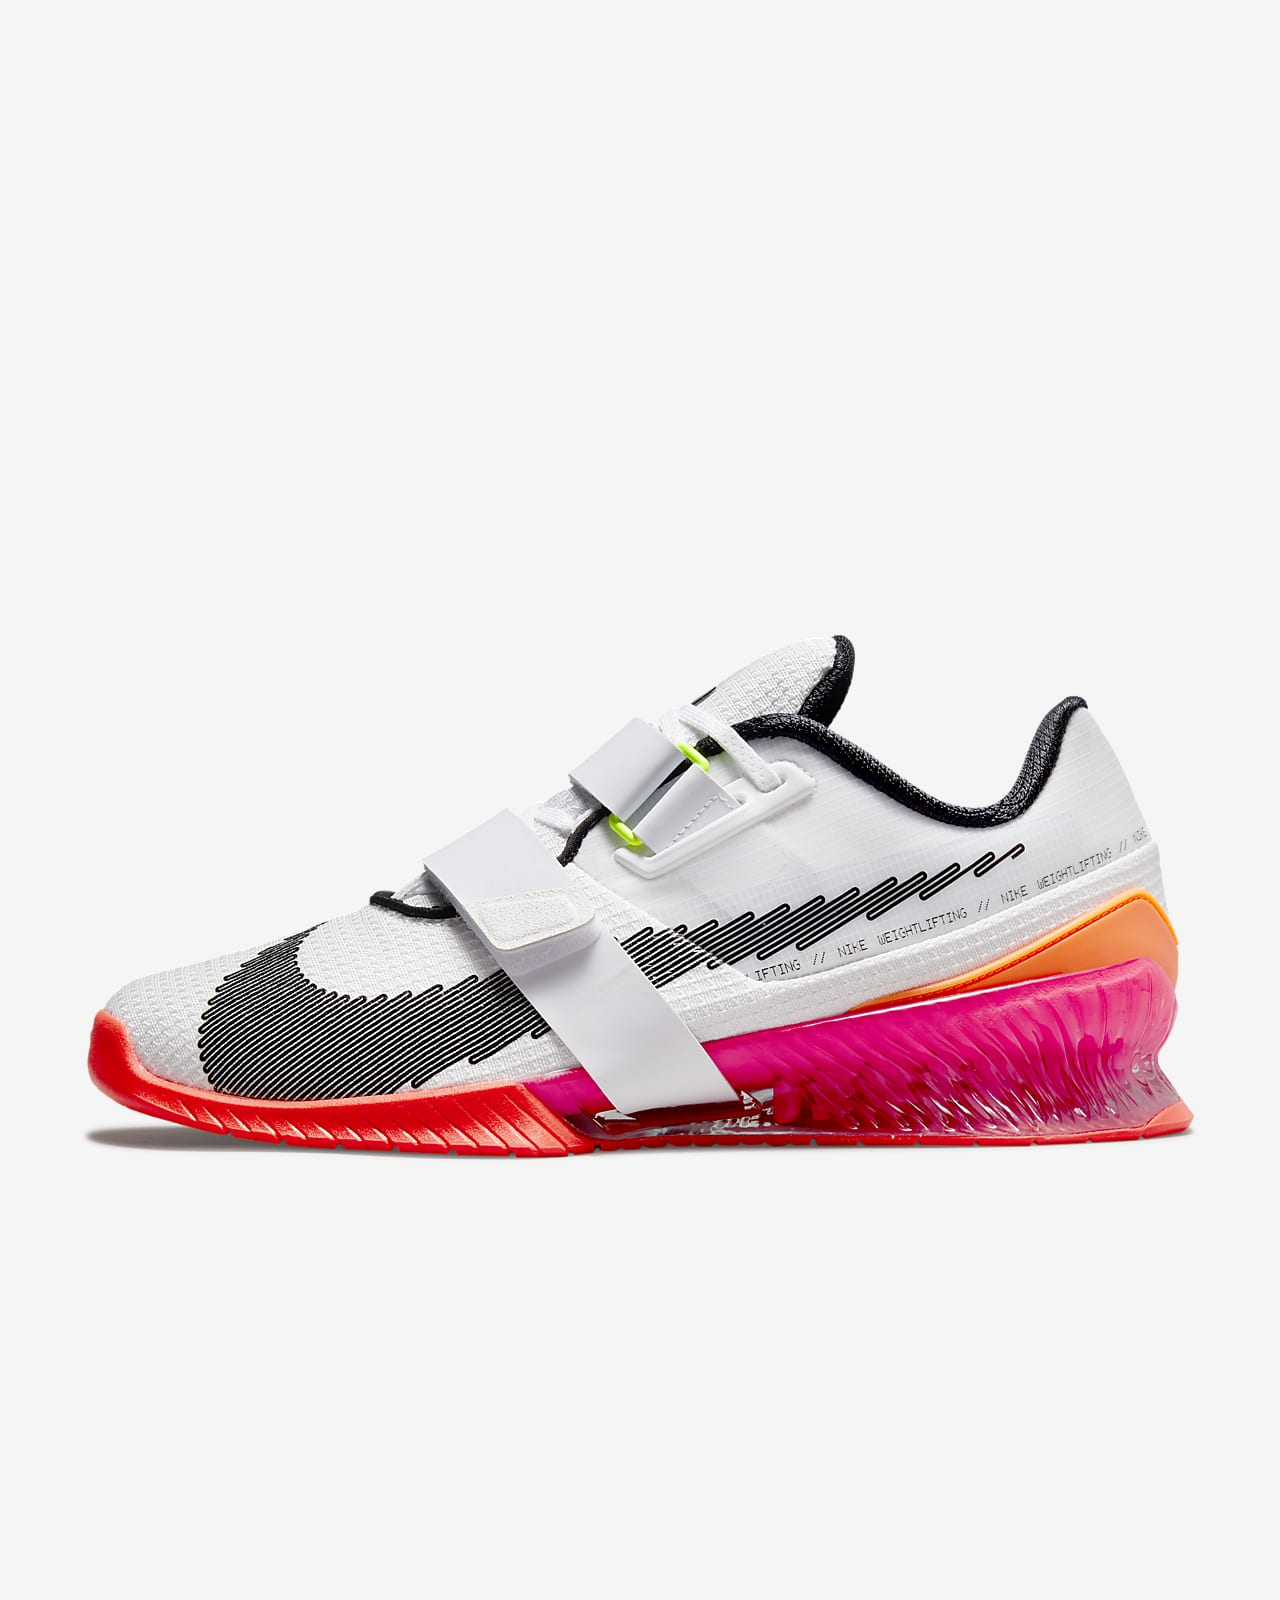 Chaussure de renforcement musculaire Nike Romaleos 4 SE